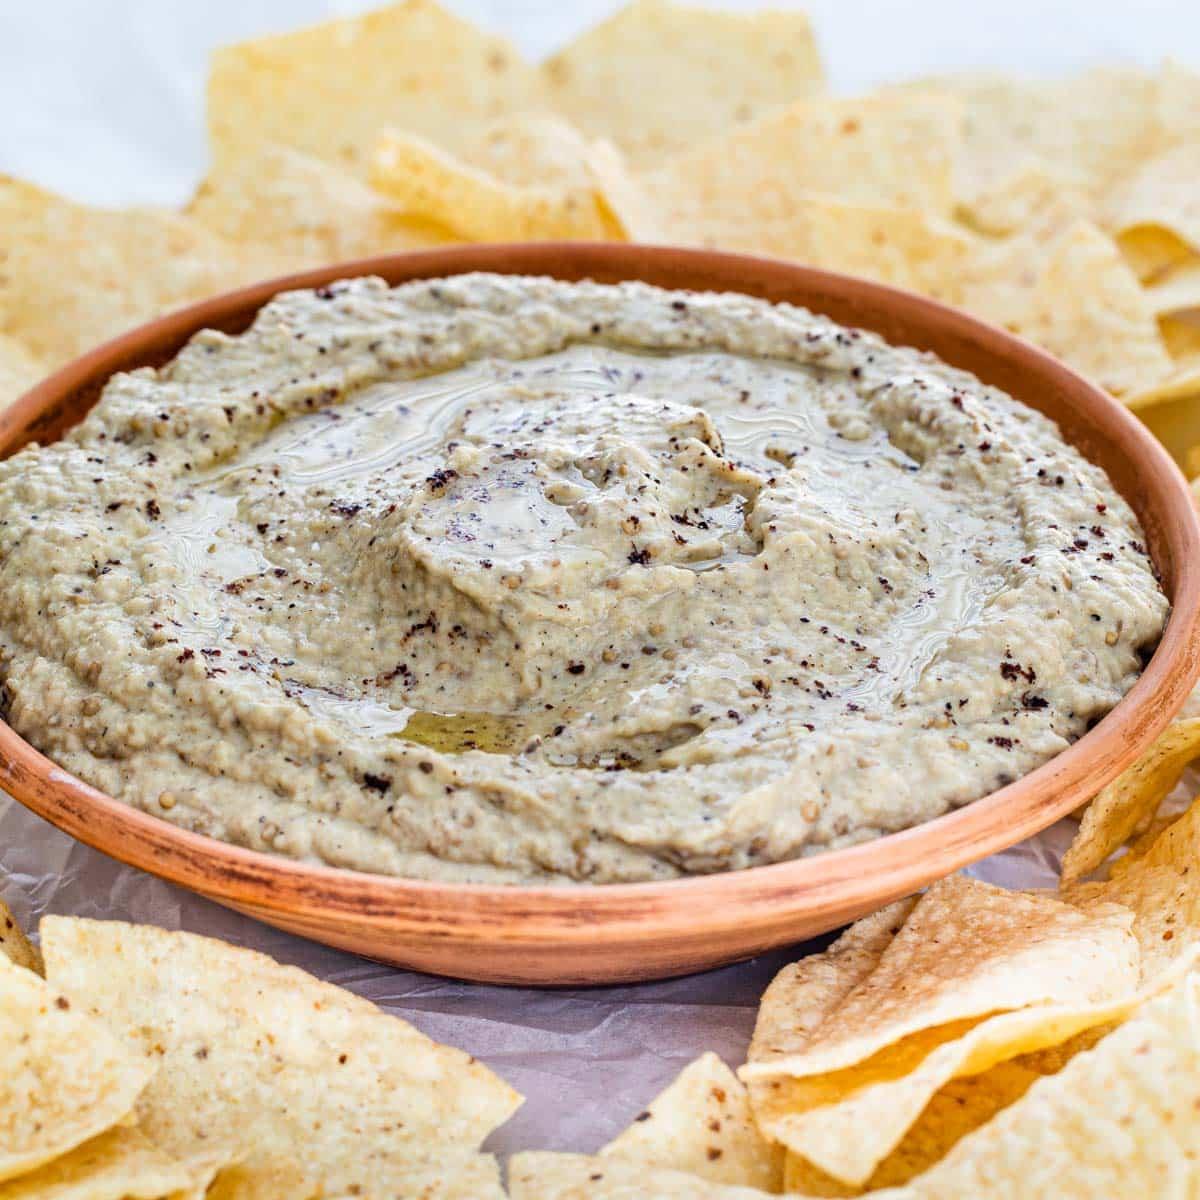 baba ganoush in a bowl.